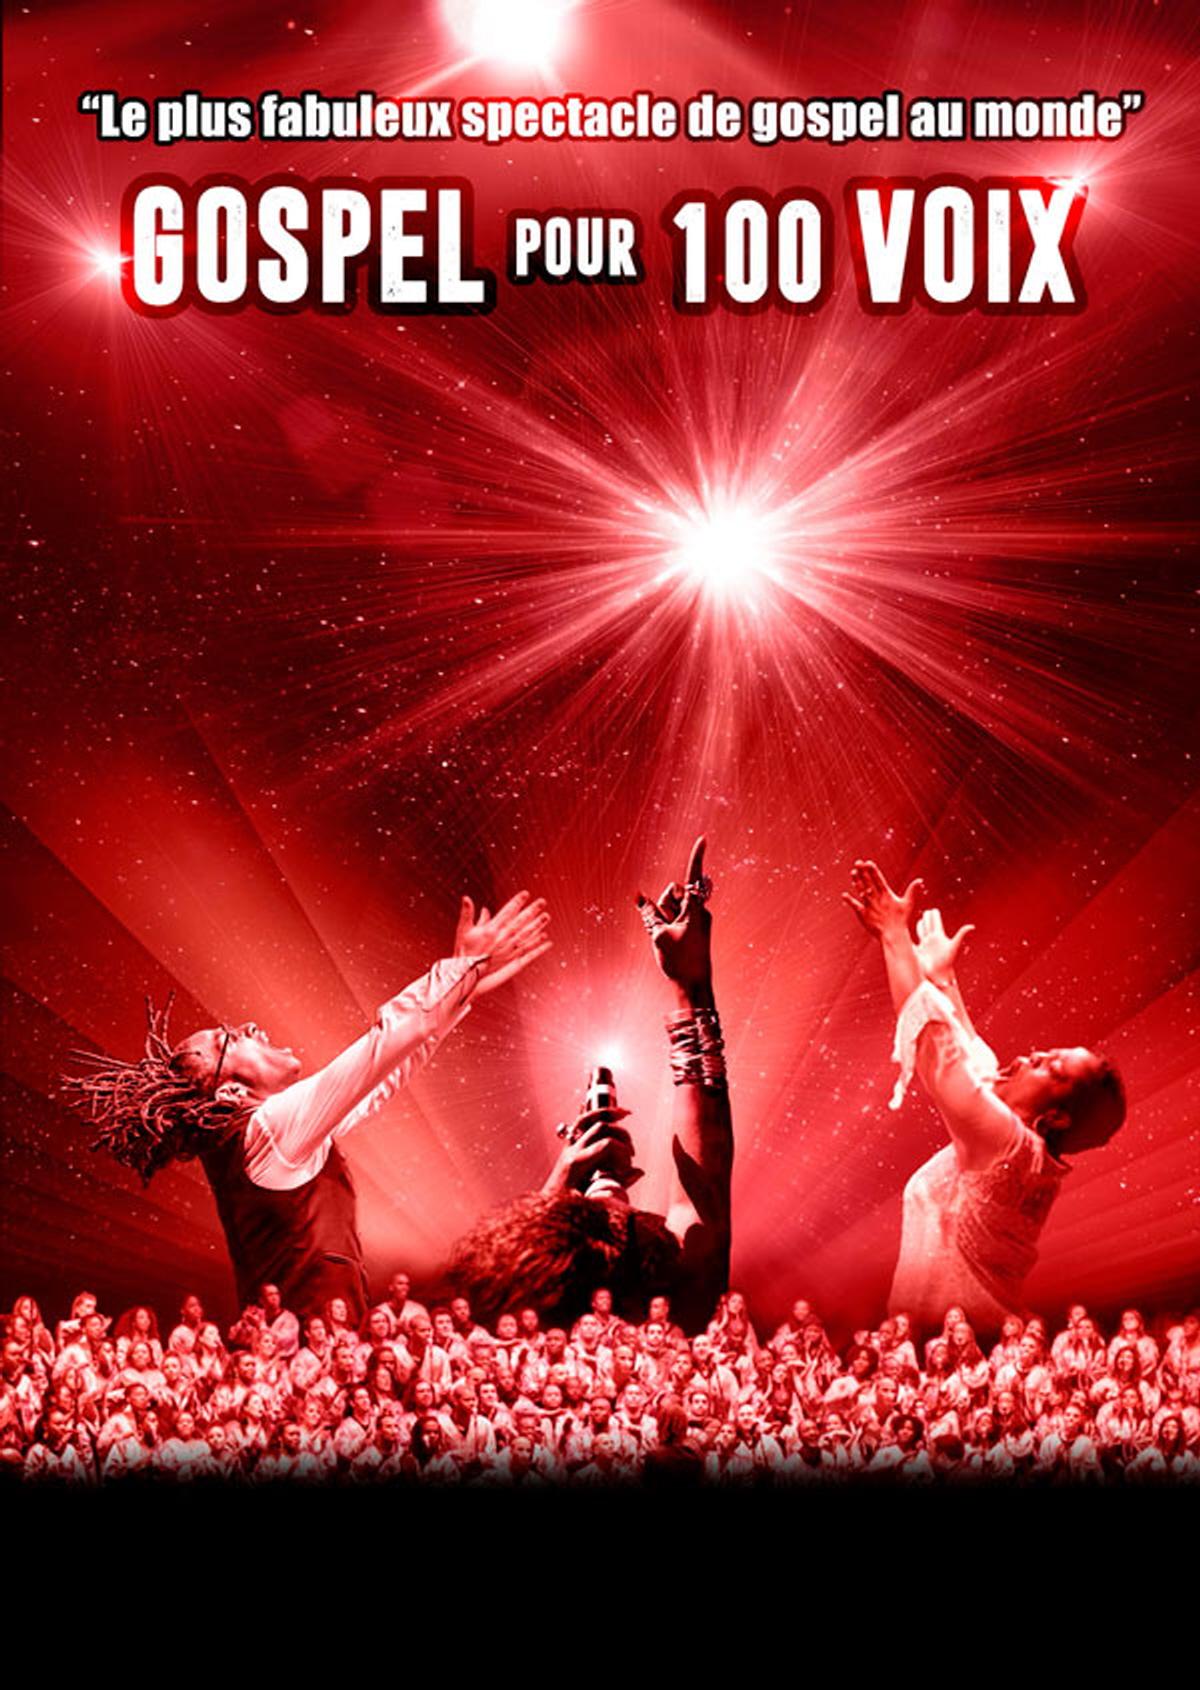 Billets Gospel Pour 100 Voix (Le Liberte - Rennes)